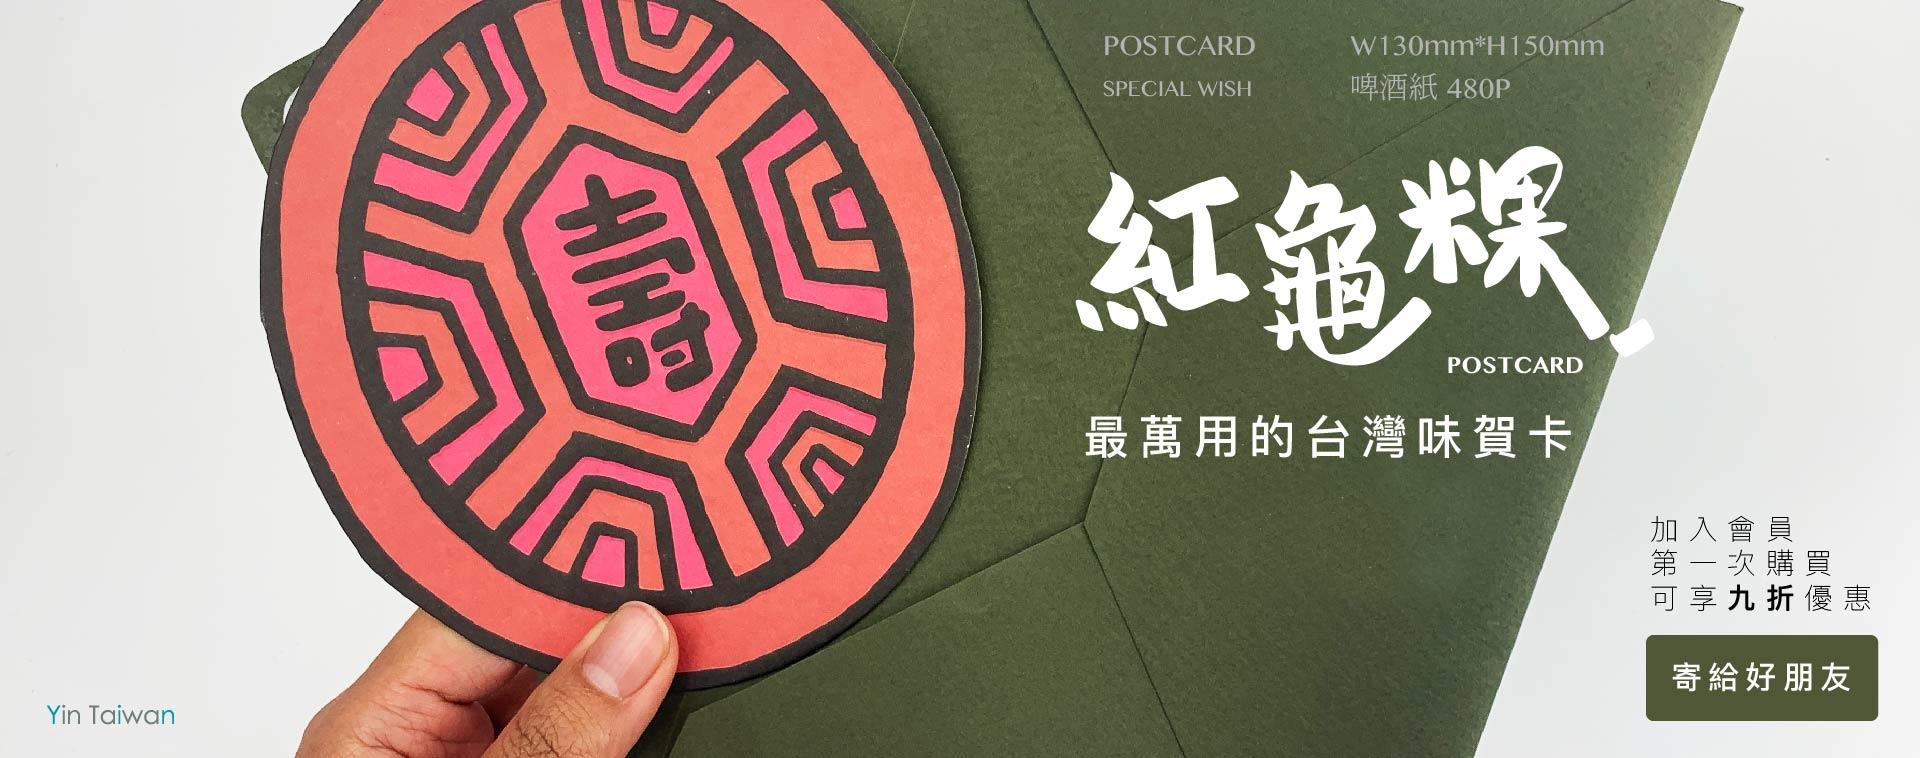 精選台灣經典日常文化商品紅龜粿明信片